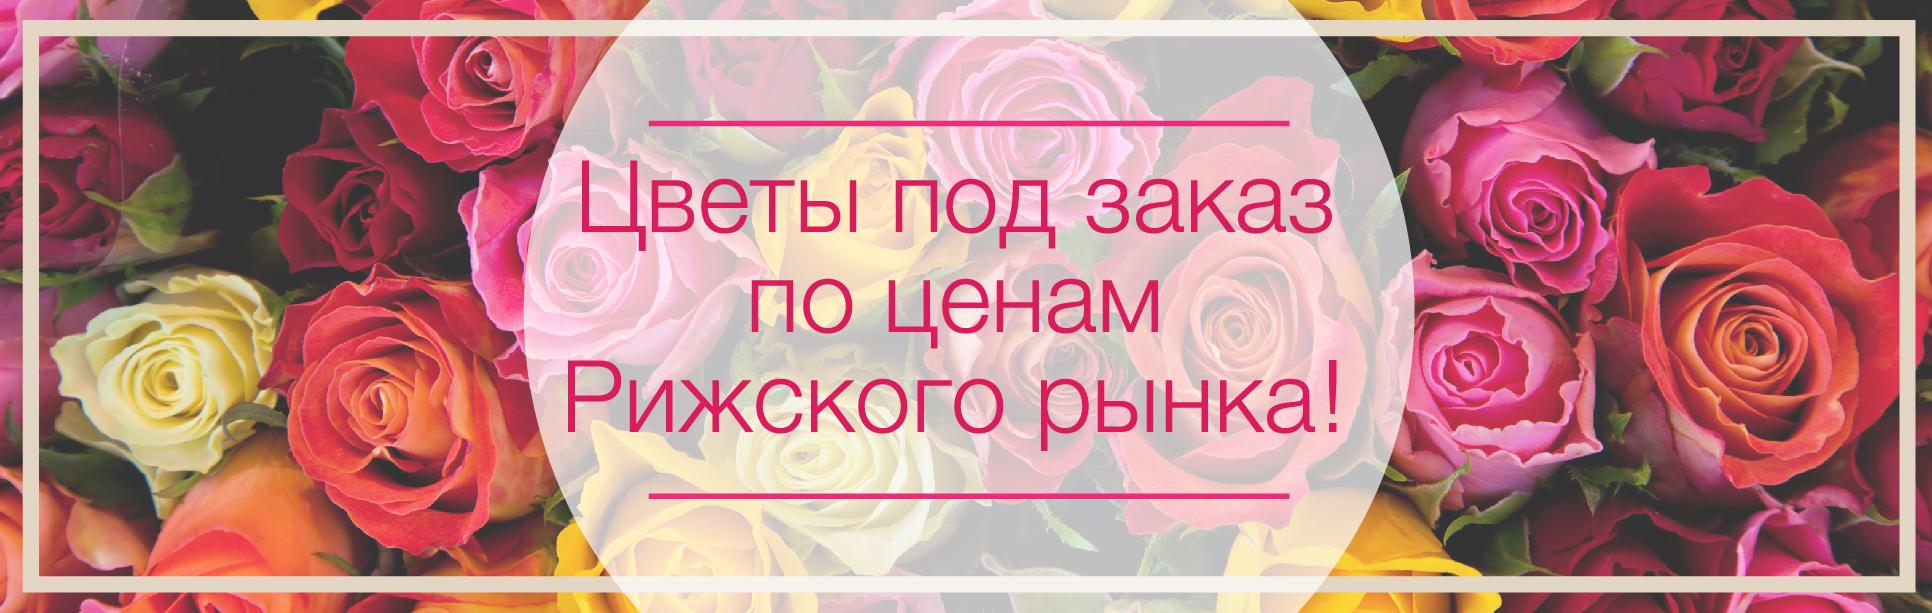 Цветы по акции - Розы